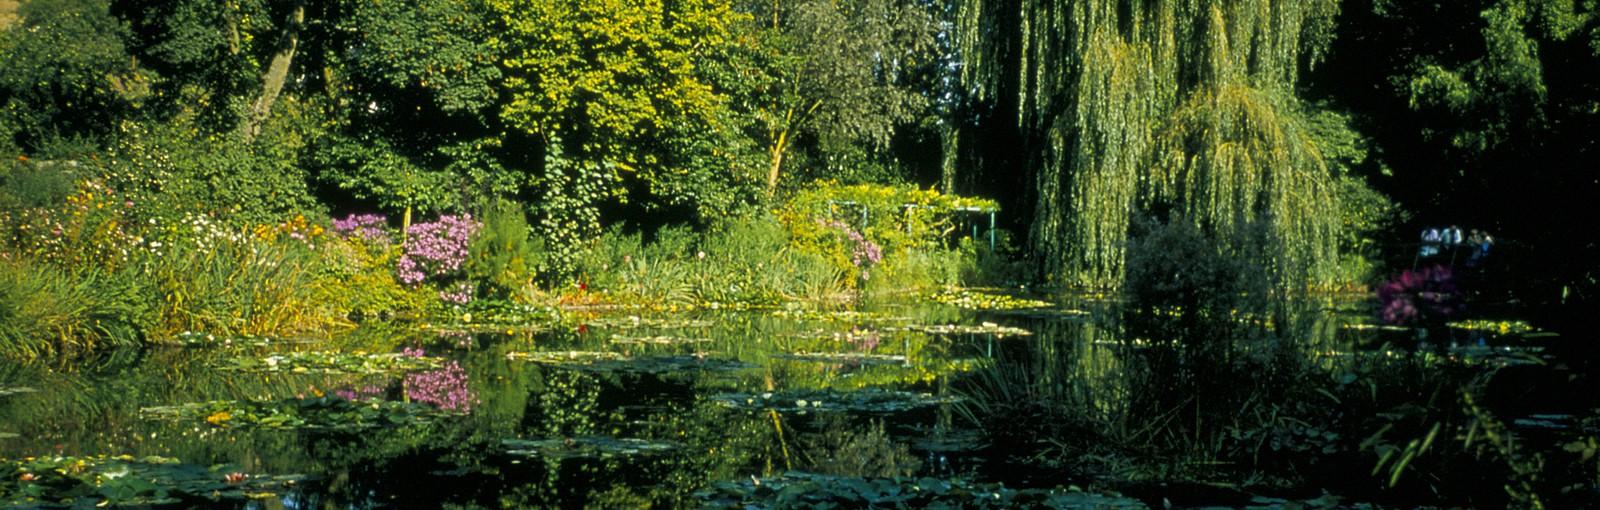 Tours Giverny et Versailles - Journées complètes - Tours au départ de Paris